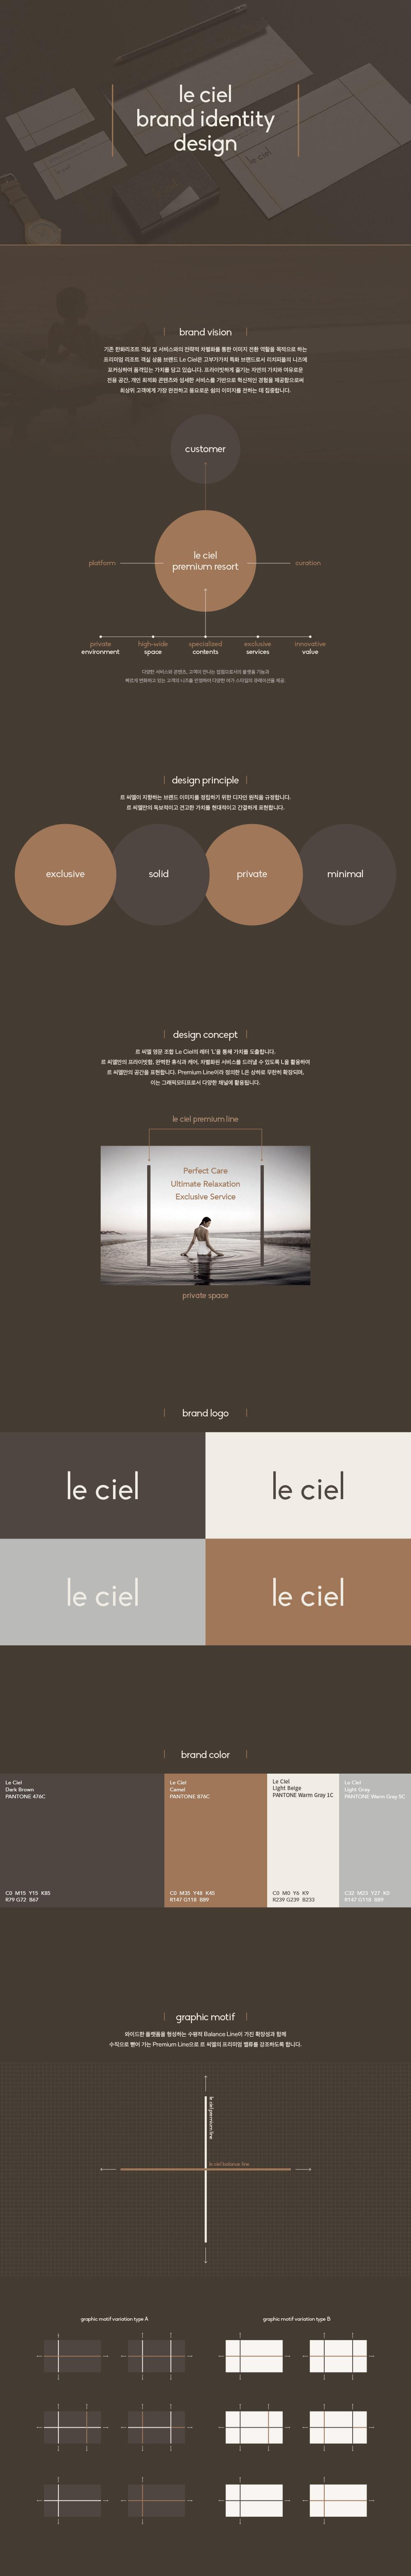 leciel_01.jpg